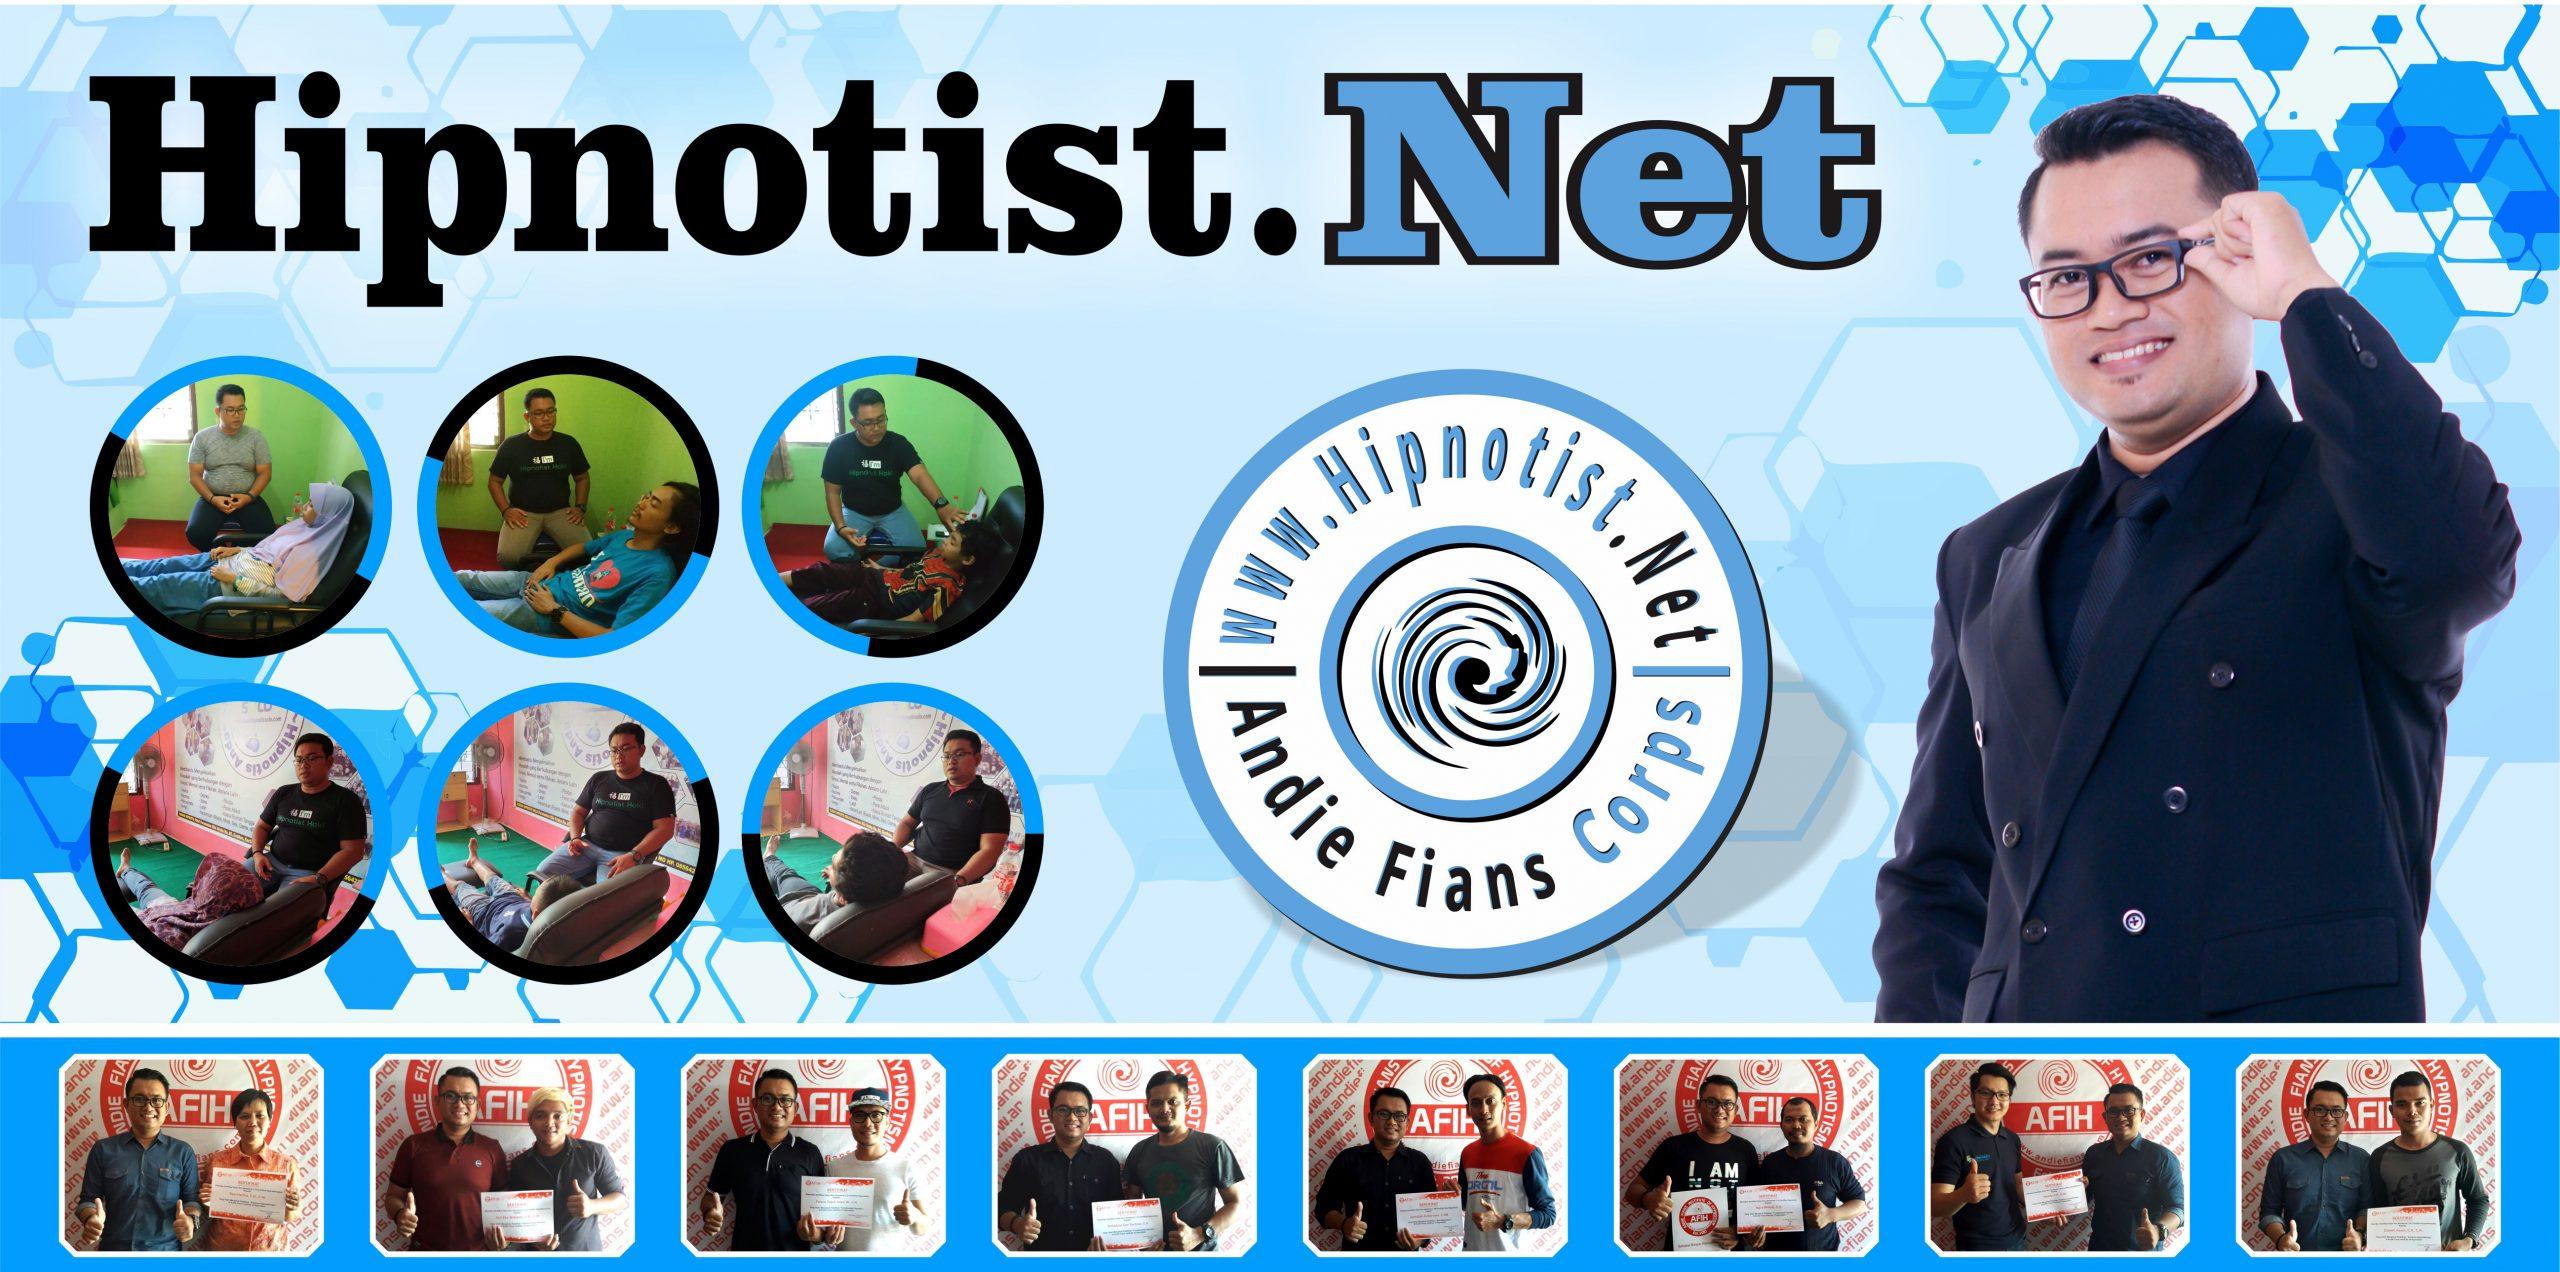 Hipnotist.Net